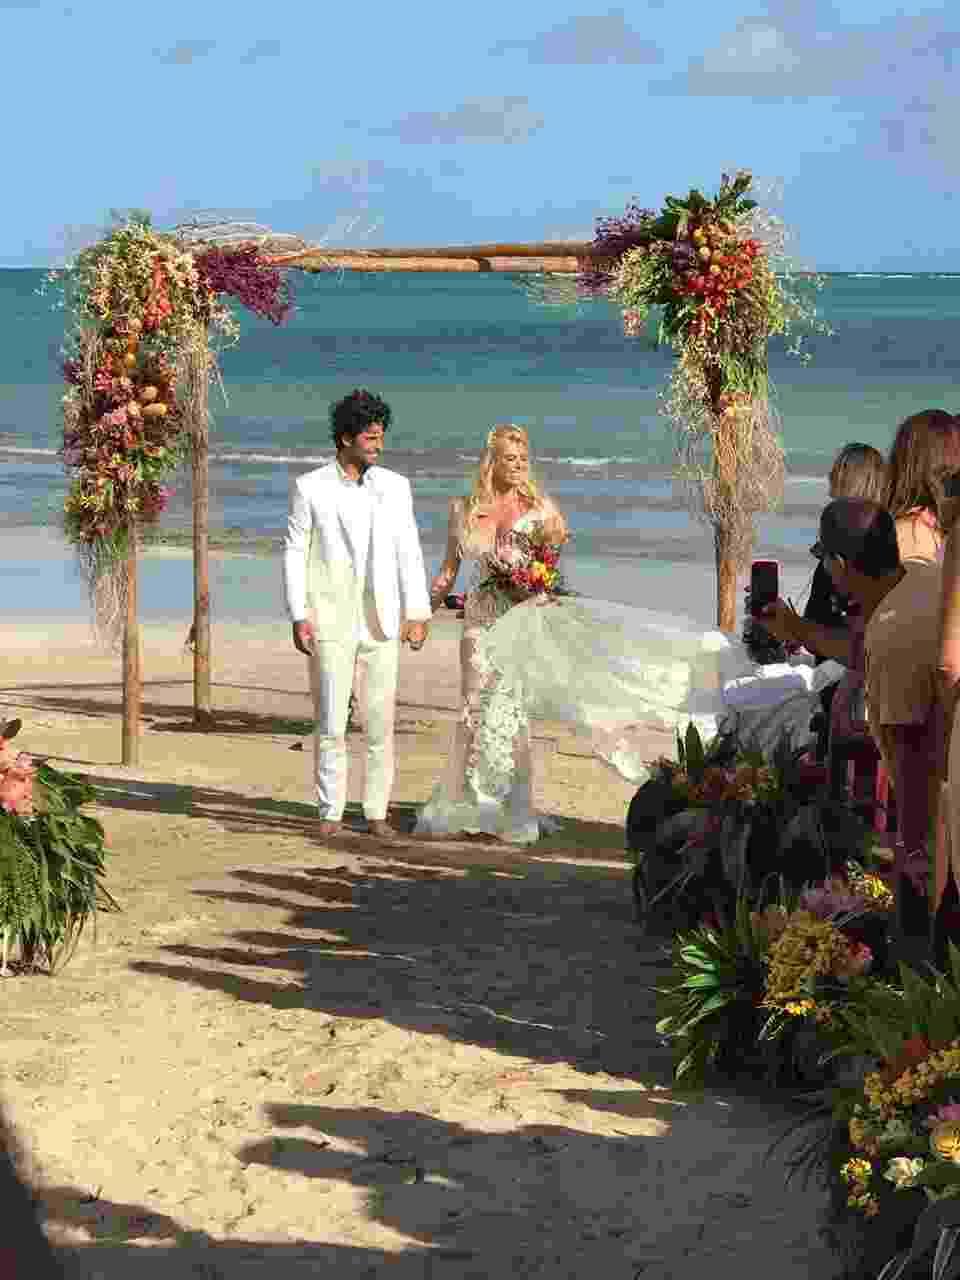 Jorge Sestini e Caroline Bittencourt se casam em São Miguel dos Milagres, em Alagoas - Filipe Paes/Studio 47